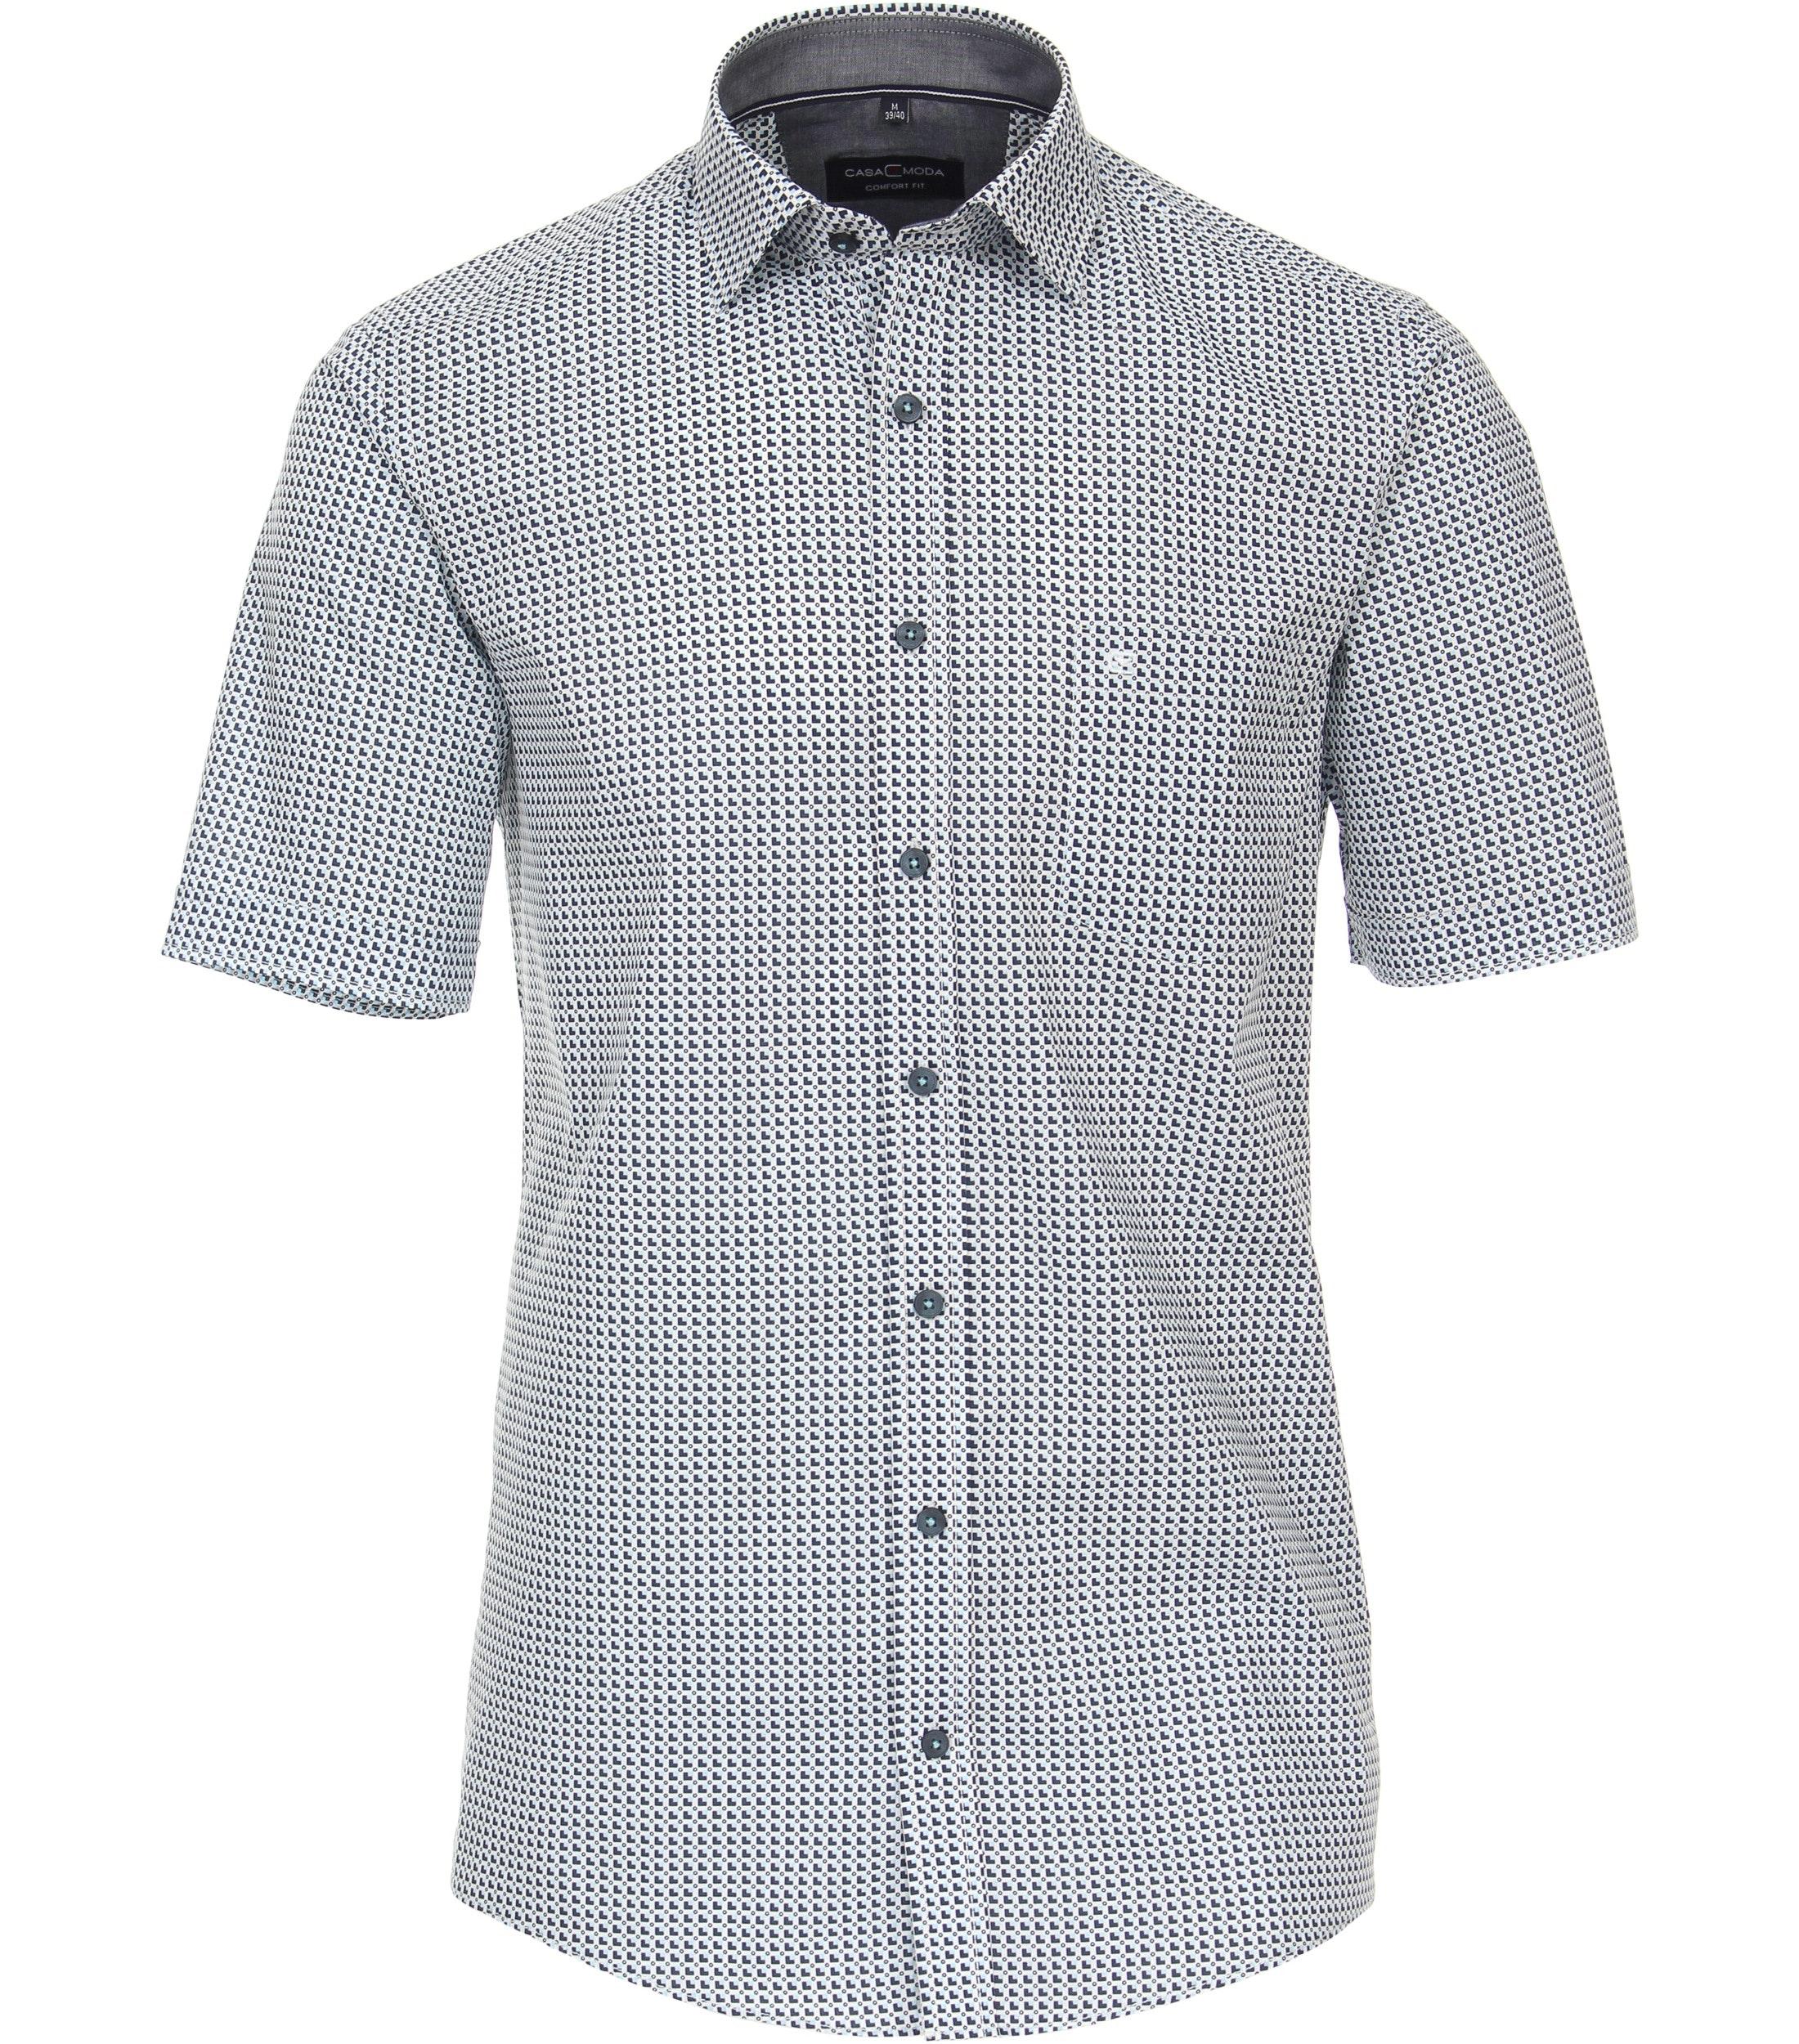 Overhemd met korte mouw van merk CASA MODA in de kleur lichtblauw, gemaakt van 100% katoen.